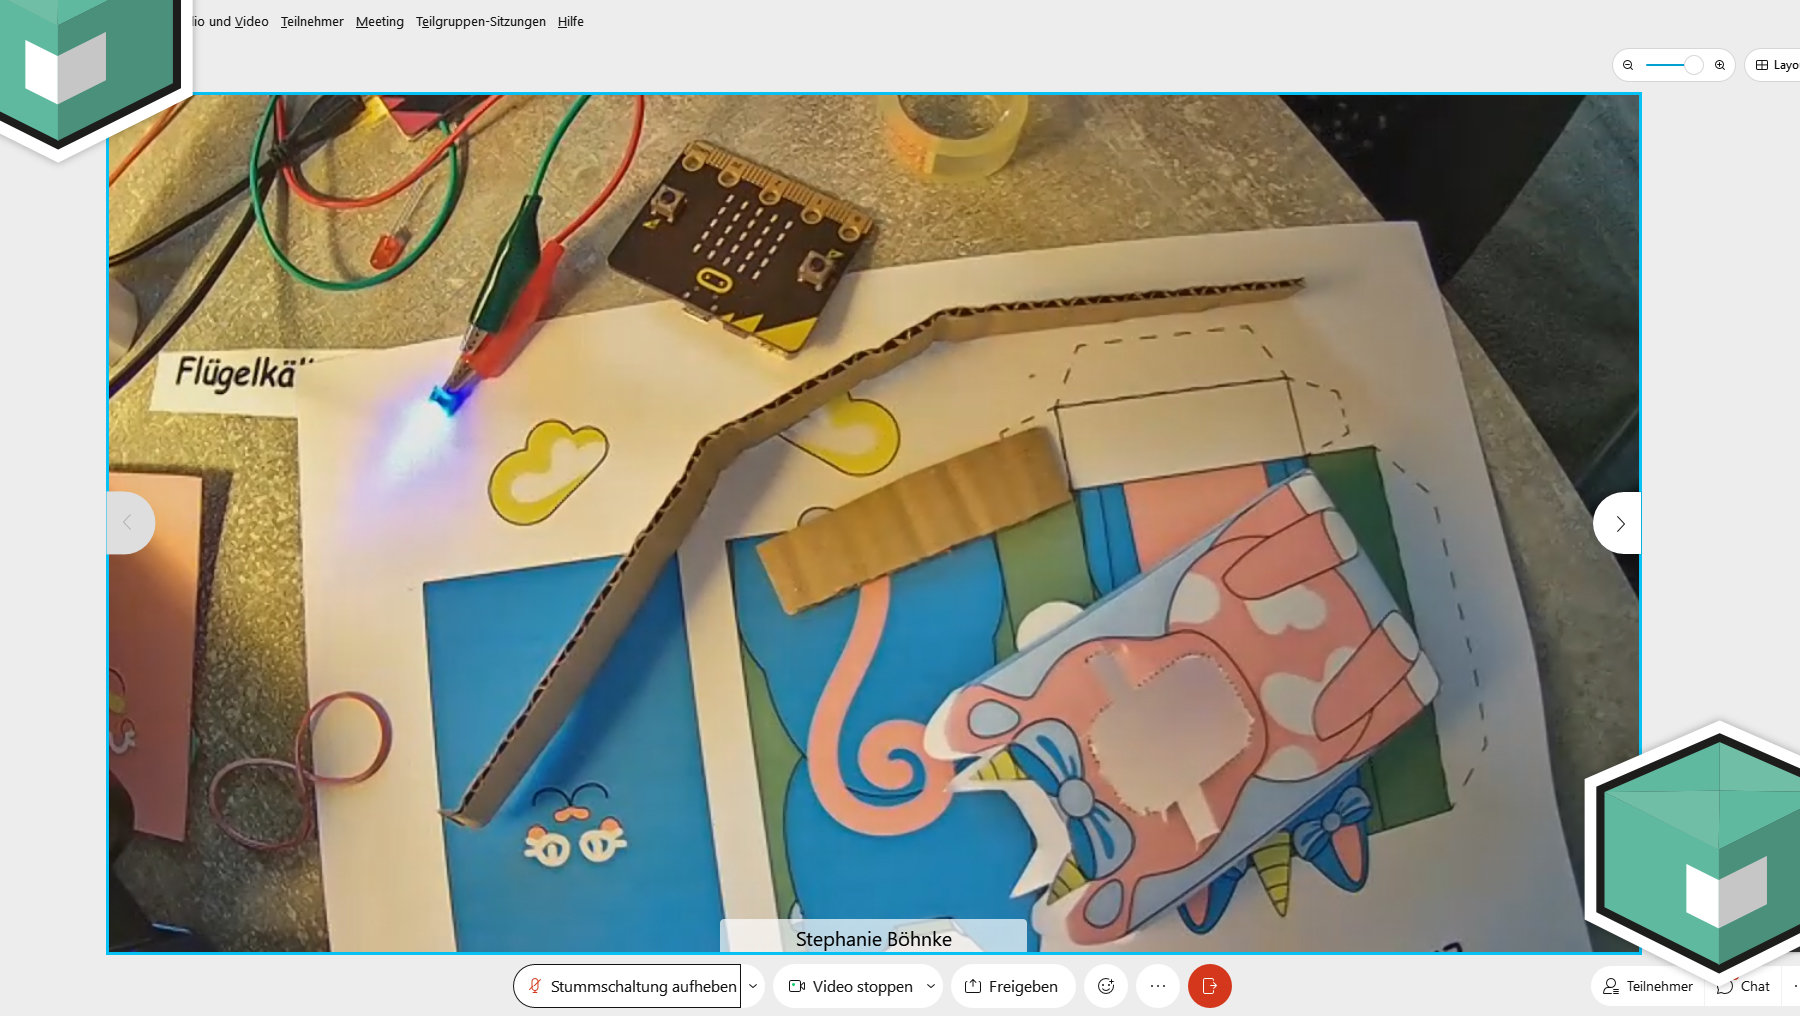 Auschnitt aus dem Girls'Day mit Papierbastelset auf dem Tisch zur Vorbereitung für den Micro:bit